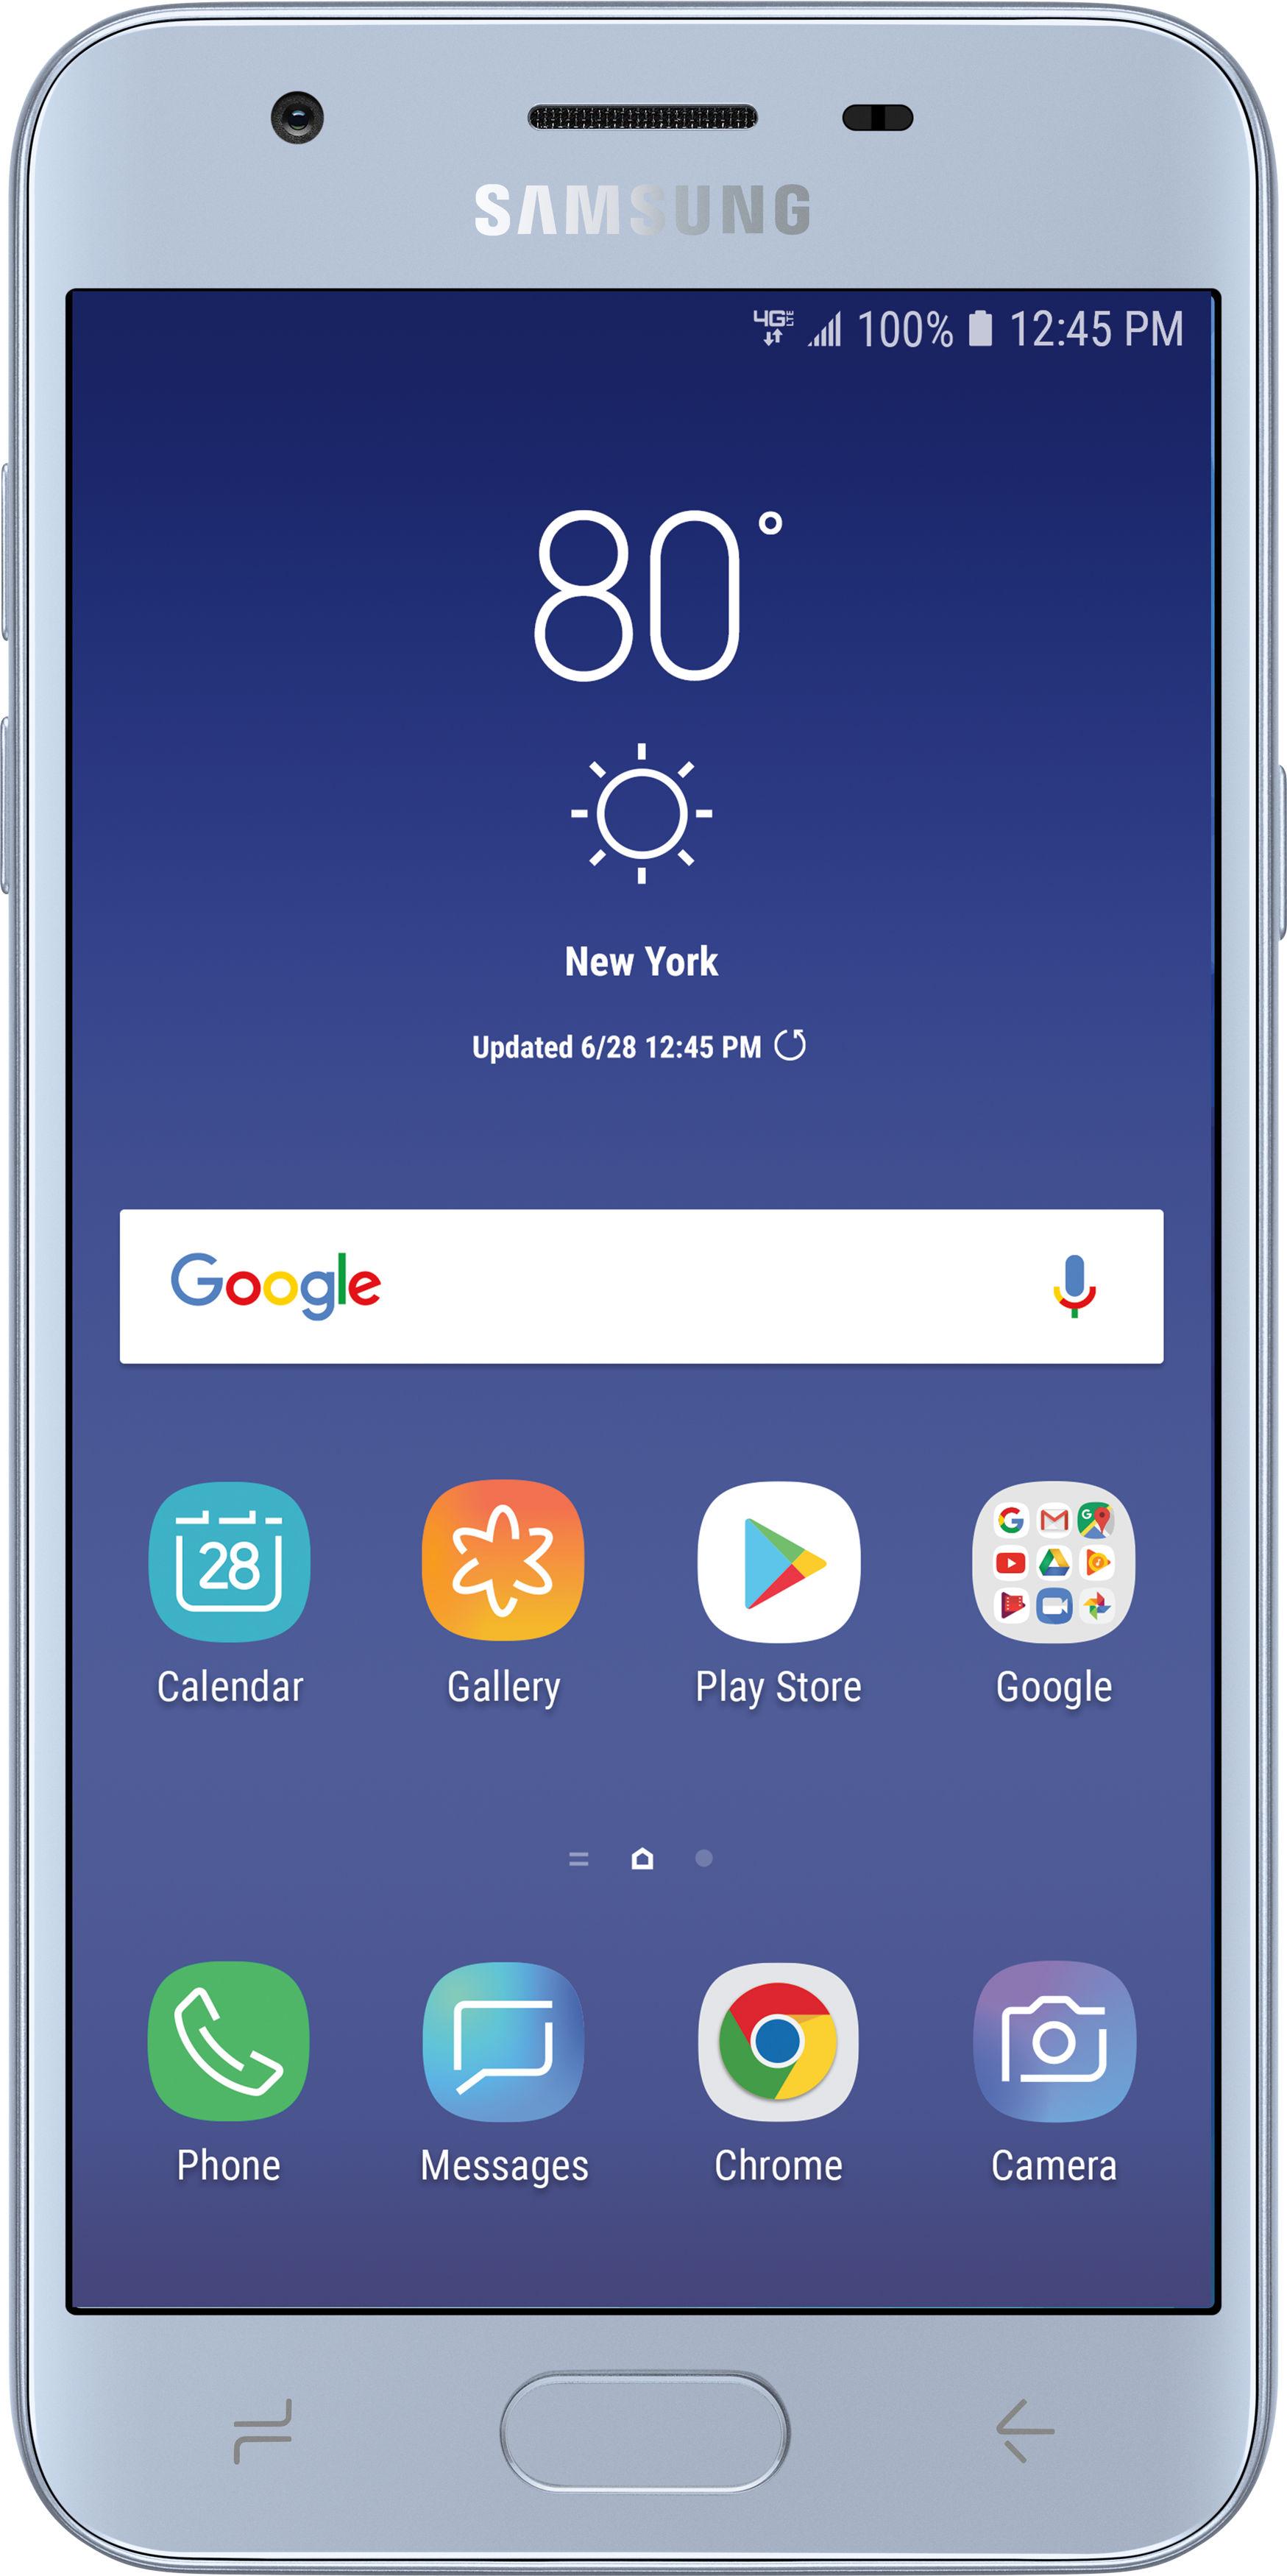 samsung galaxy j3 - Prepaid Cell Phone Cards